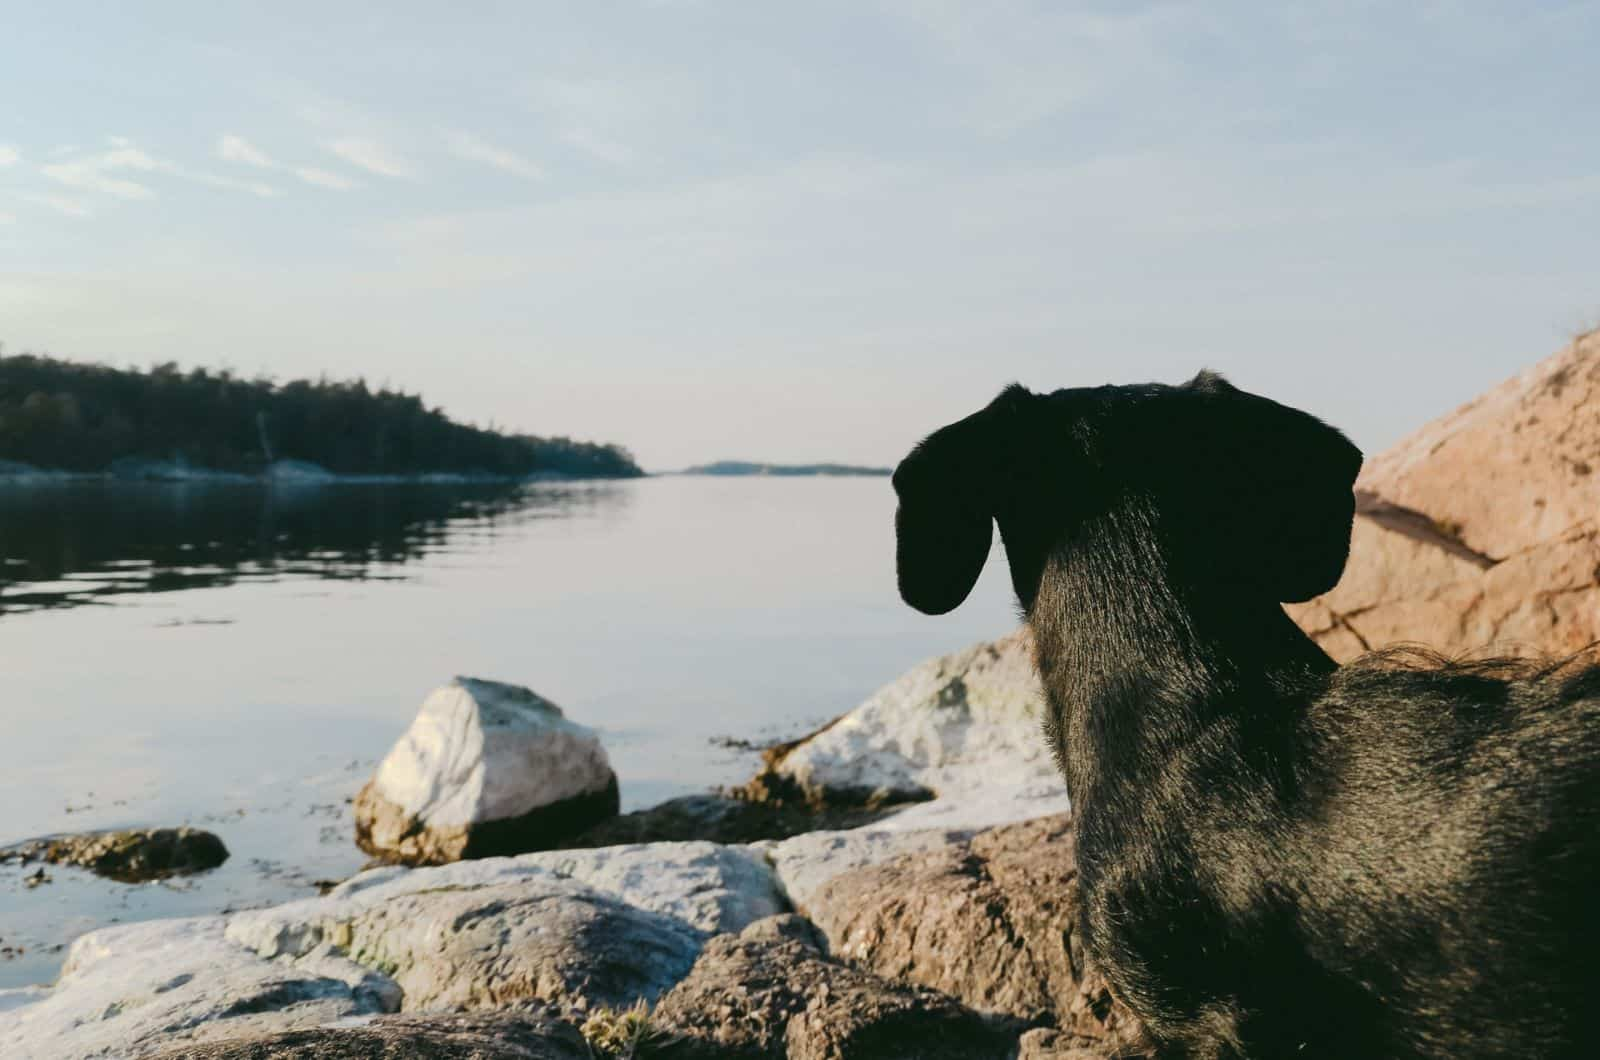 dapple dachshund watching the lake